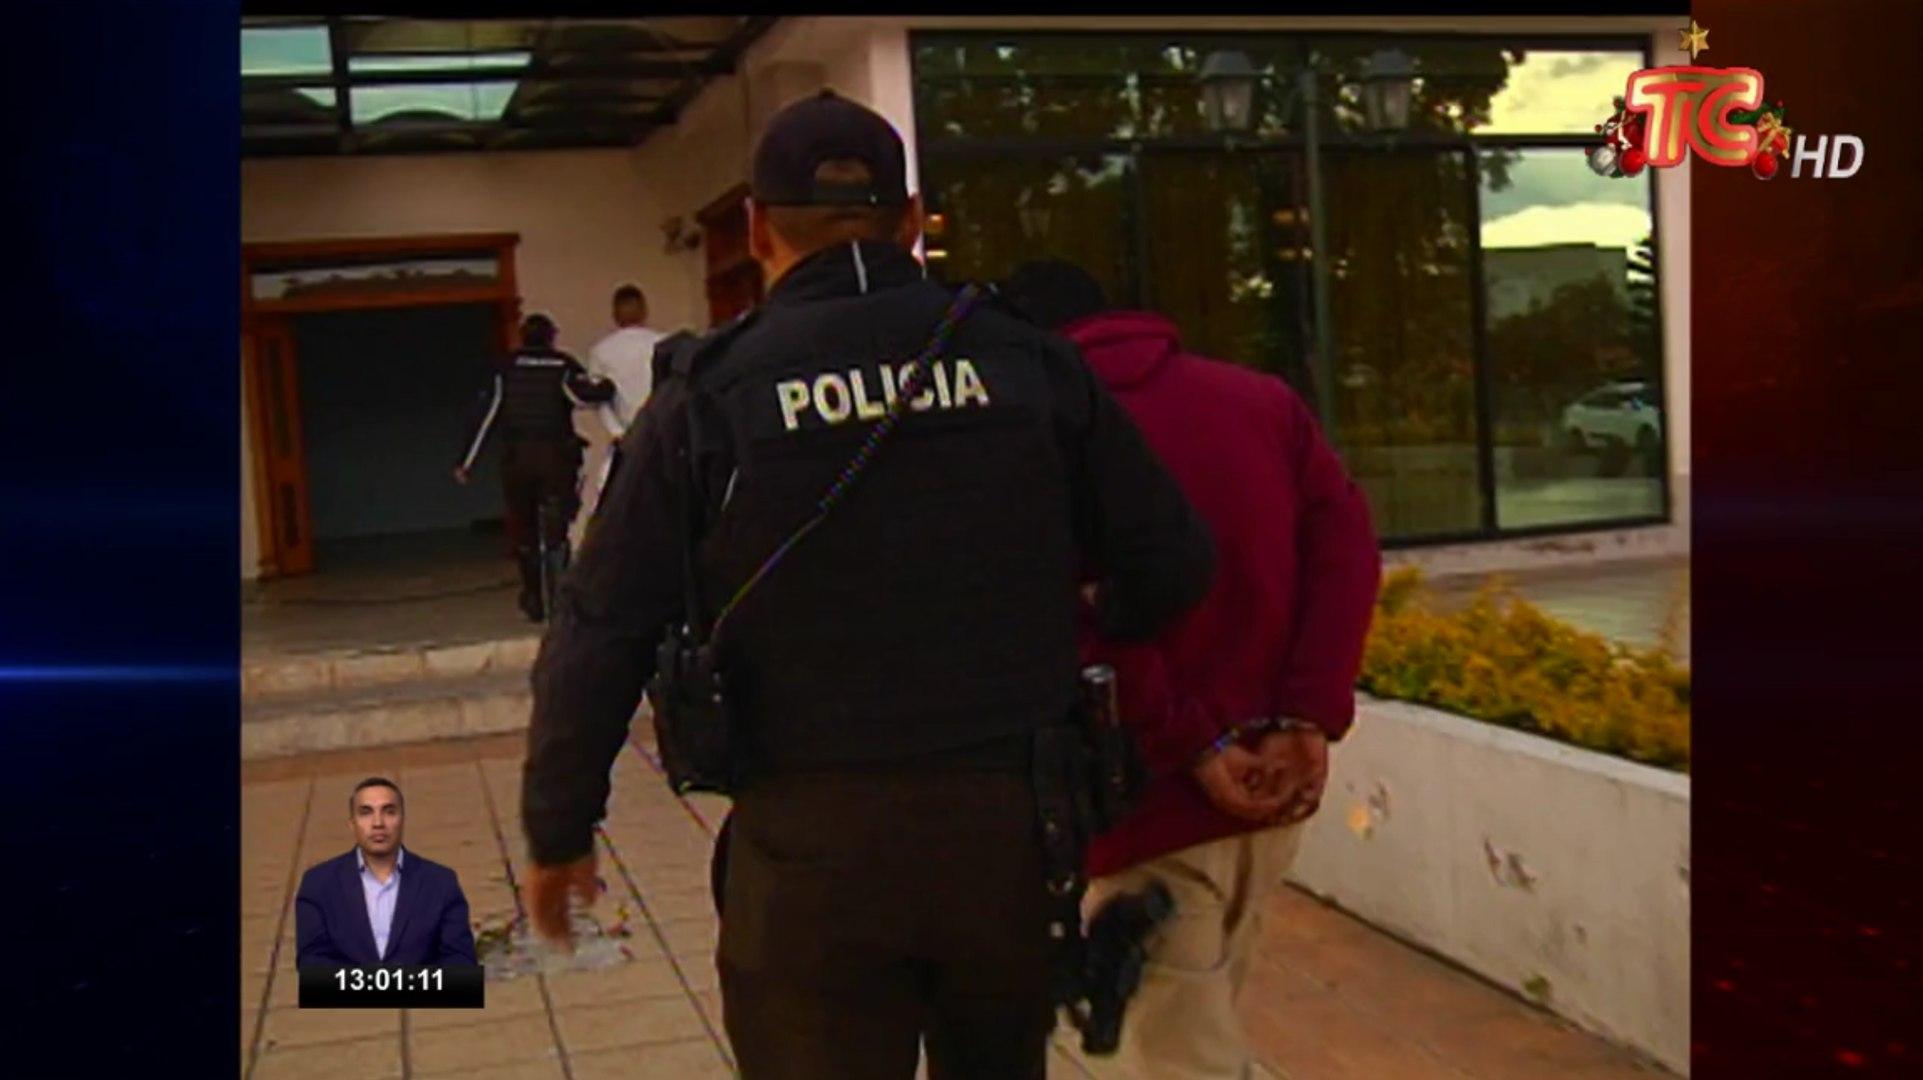 Se captura a dos intengrantes de banda delictiva en  Quito